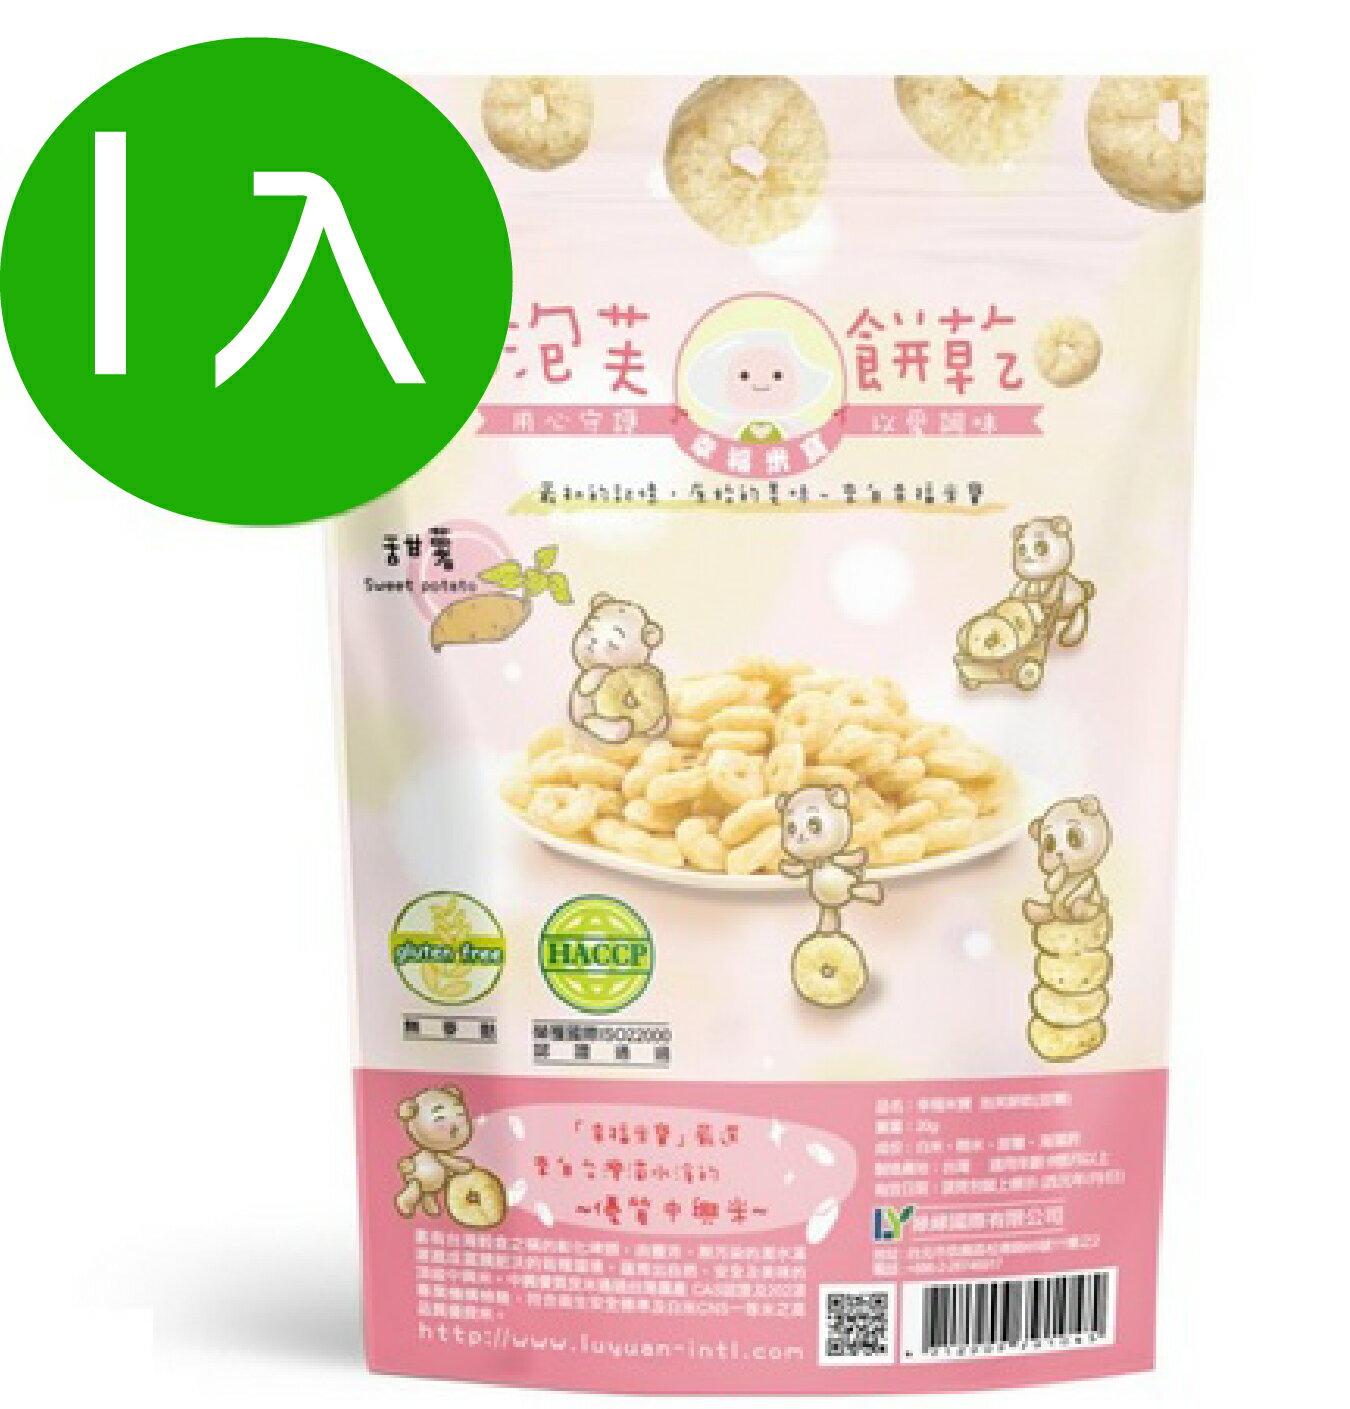 【幸福米寶】泡芙餅乾(甜薯) - 限時優惠好康折扣